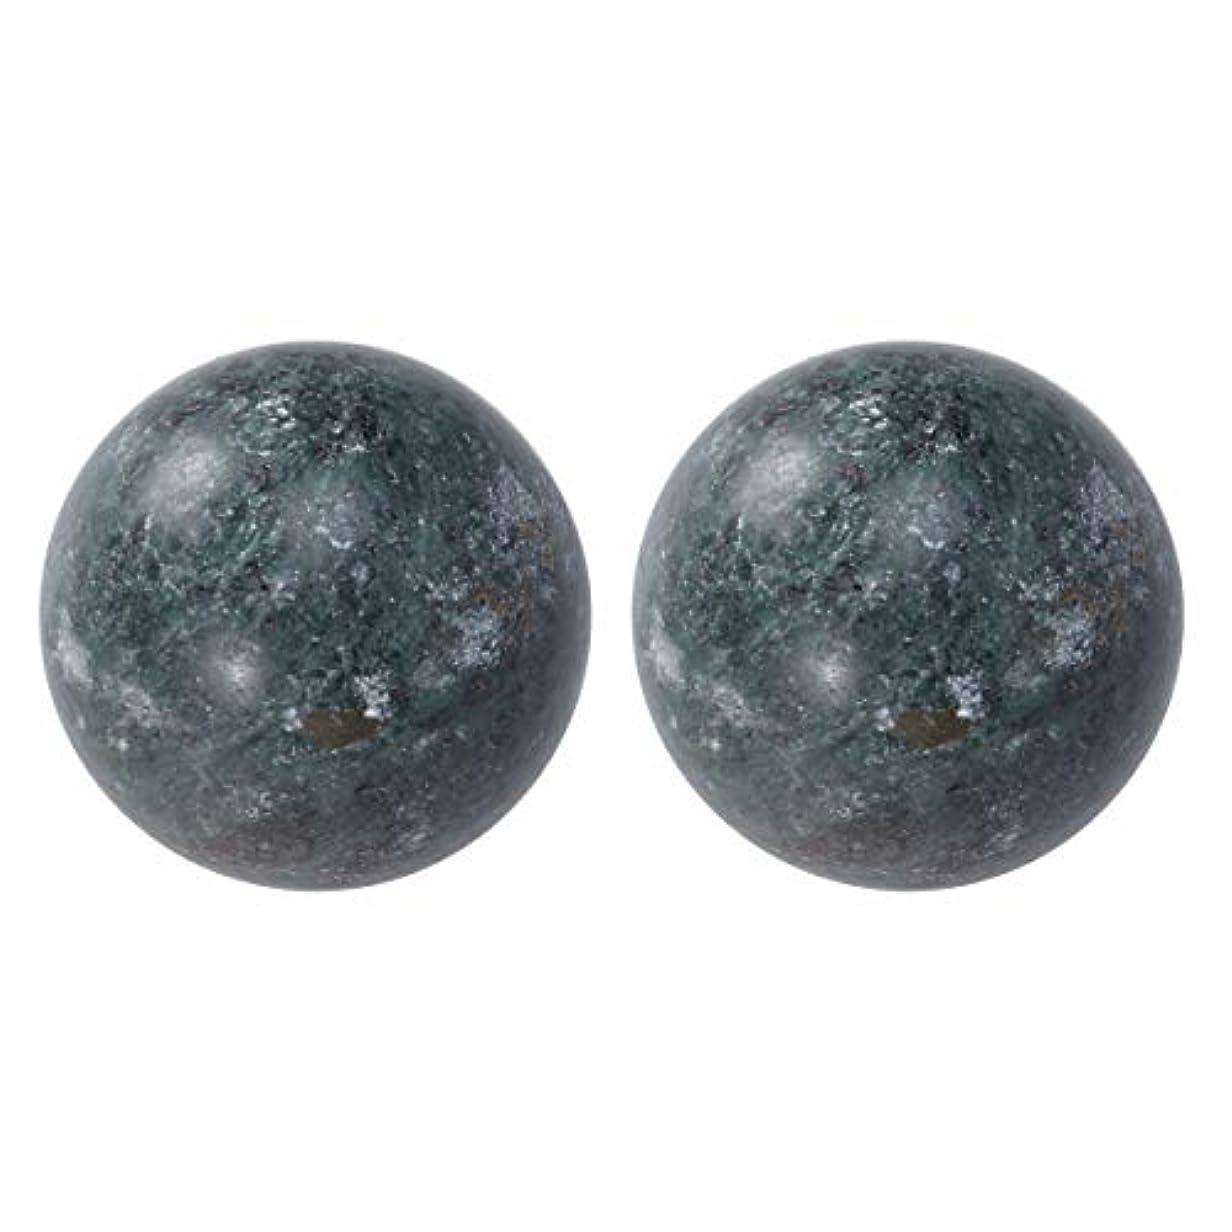 通行料金累積傑作HEALIFTY 2個の自然の翡翠手球ダークグレー中国の健康運動ボーイングボール老人のためのストレスリリーフ(黒)